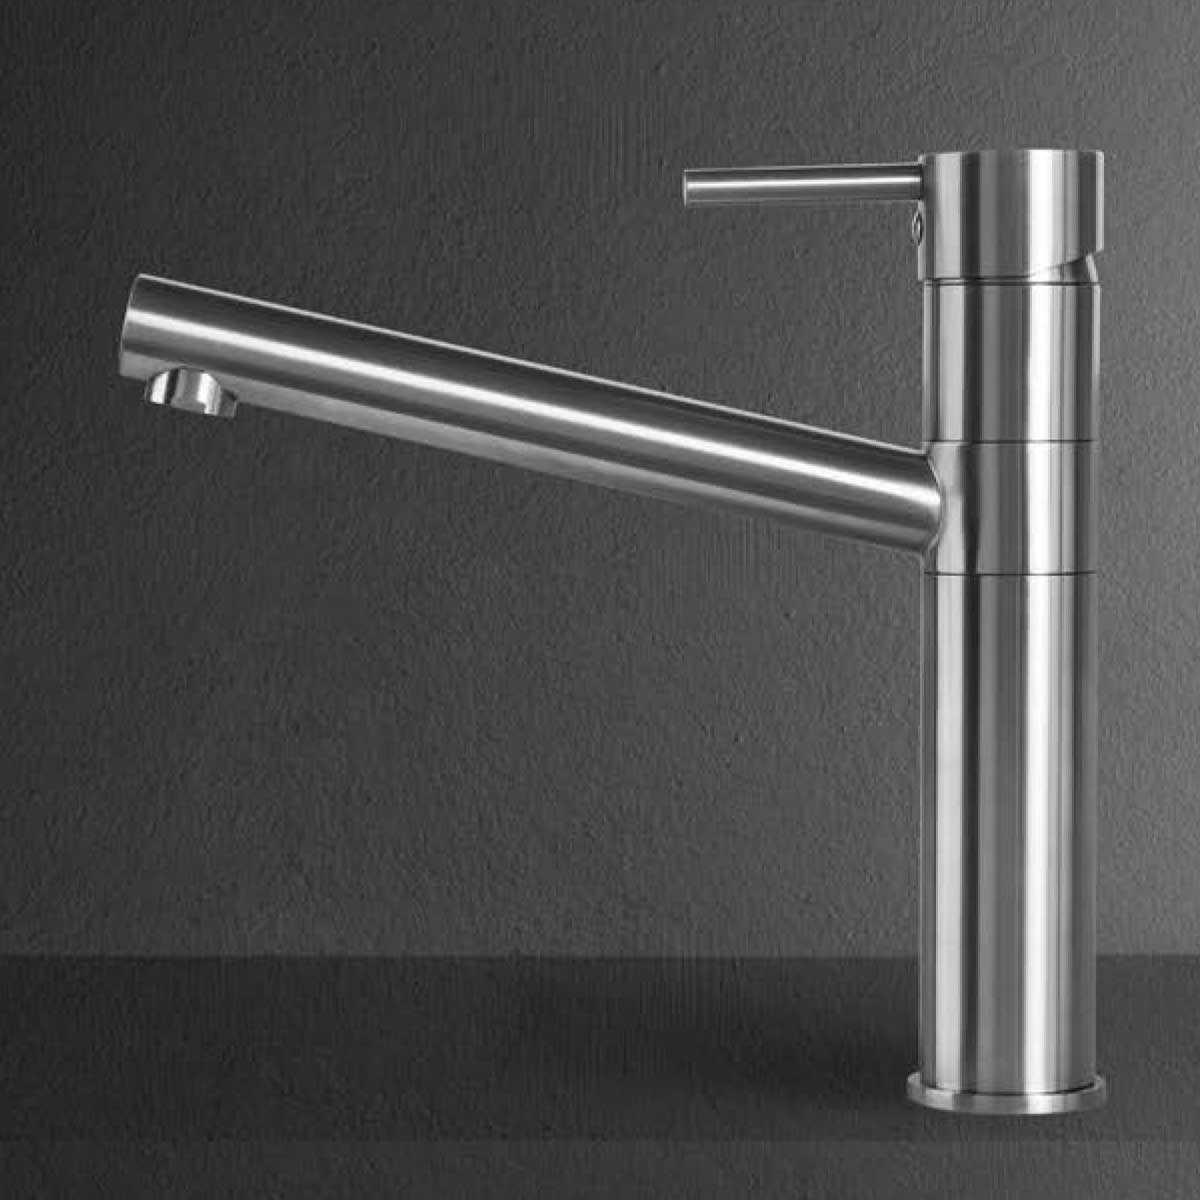 Miscelatore monocomando per lavello serie Steel  in acciaio con bocca alta girevole e cartuccia